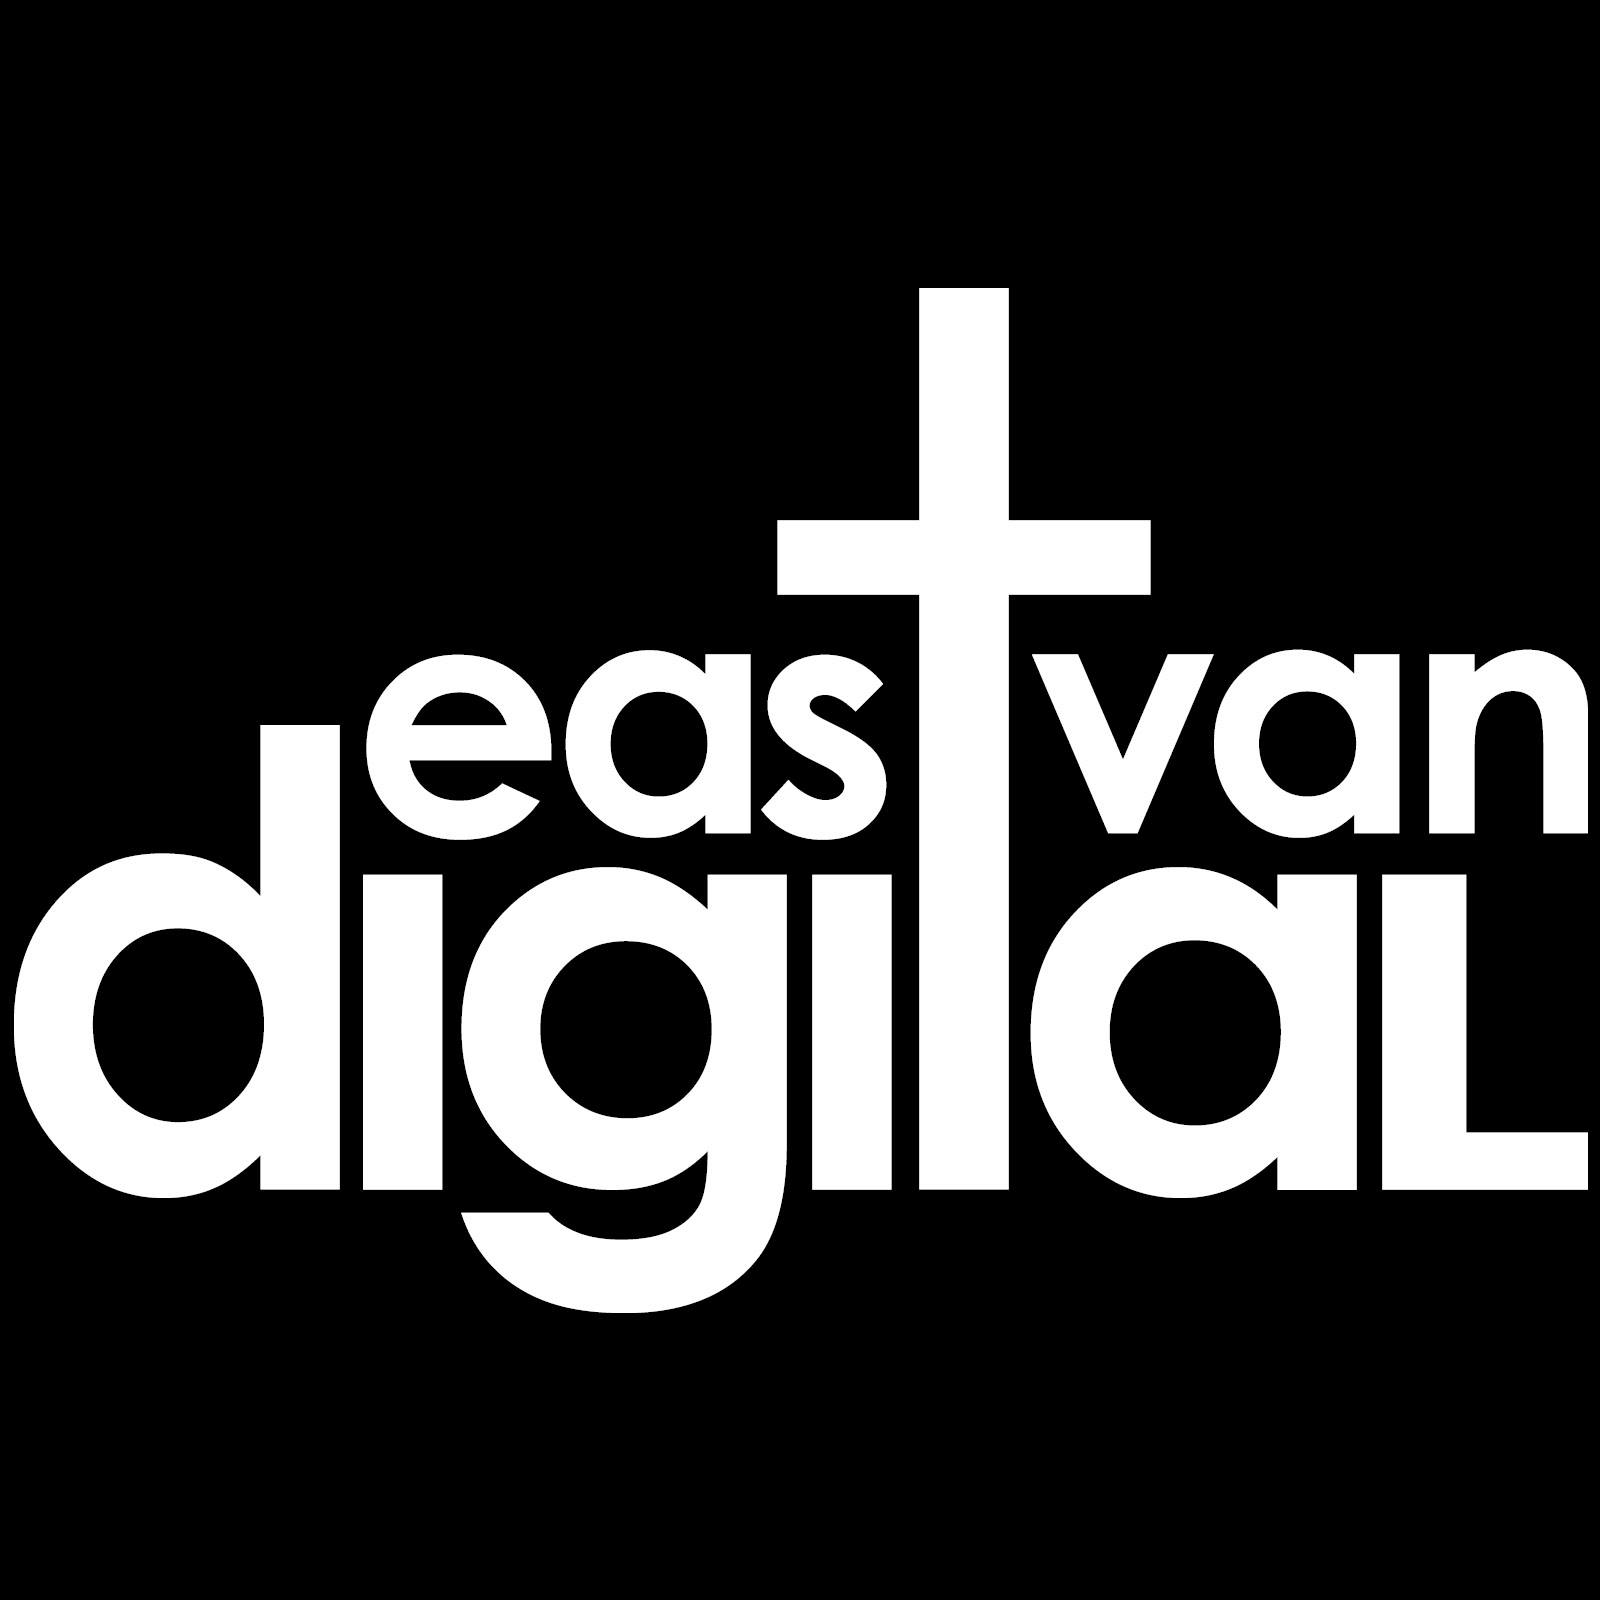 EAST VAN DIGITAL (label)